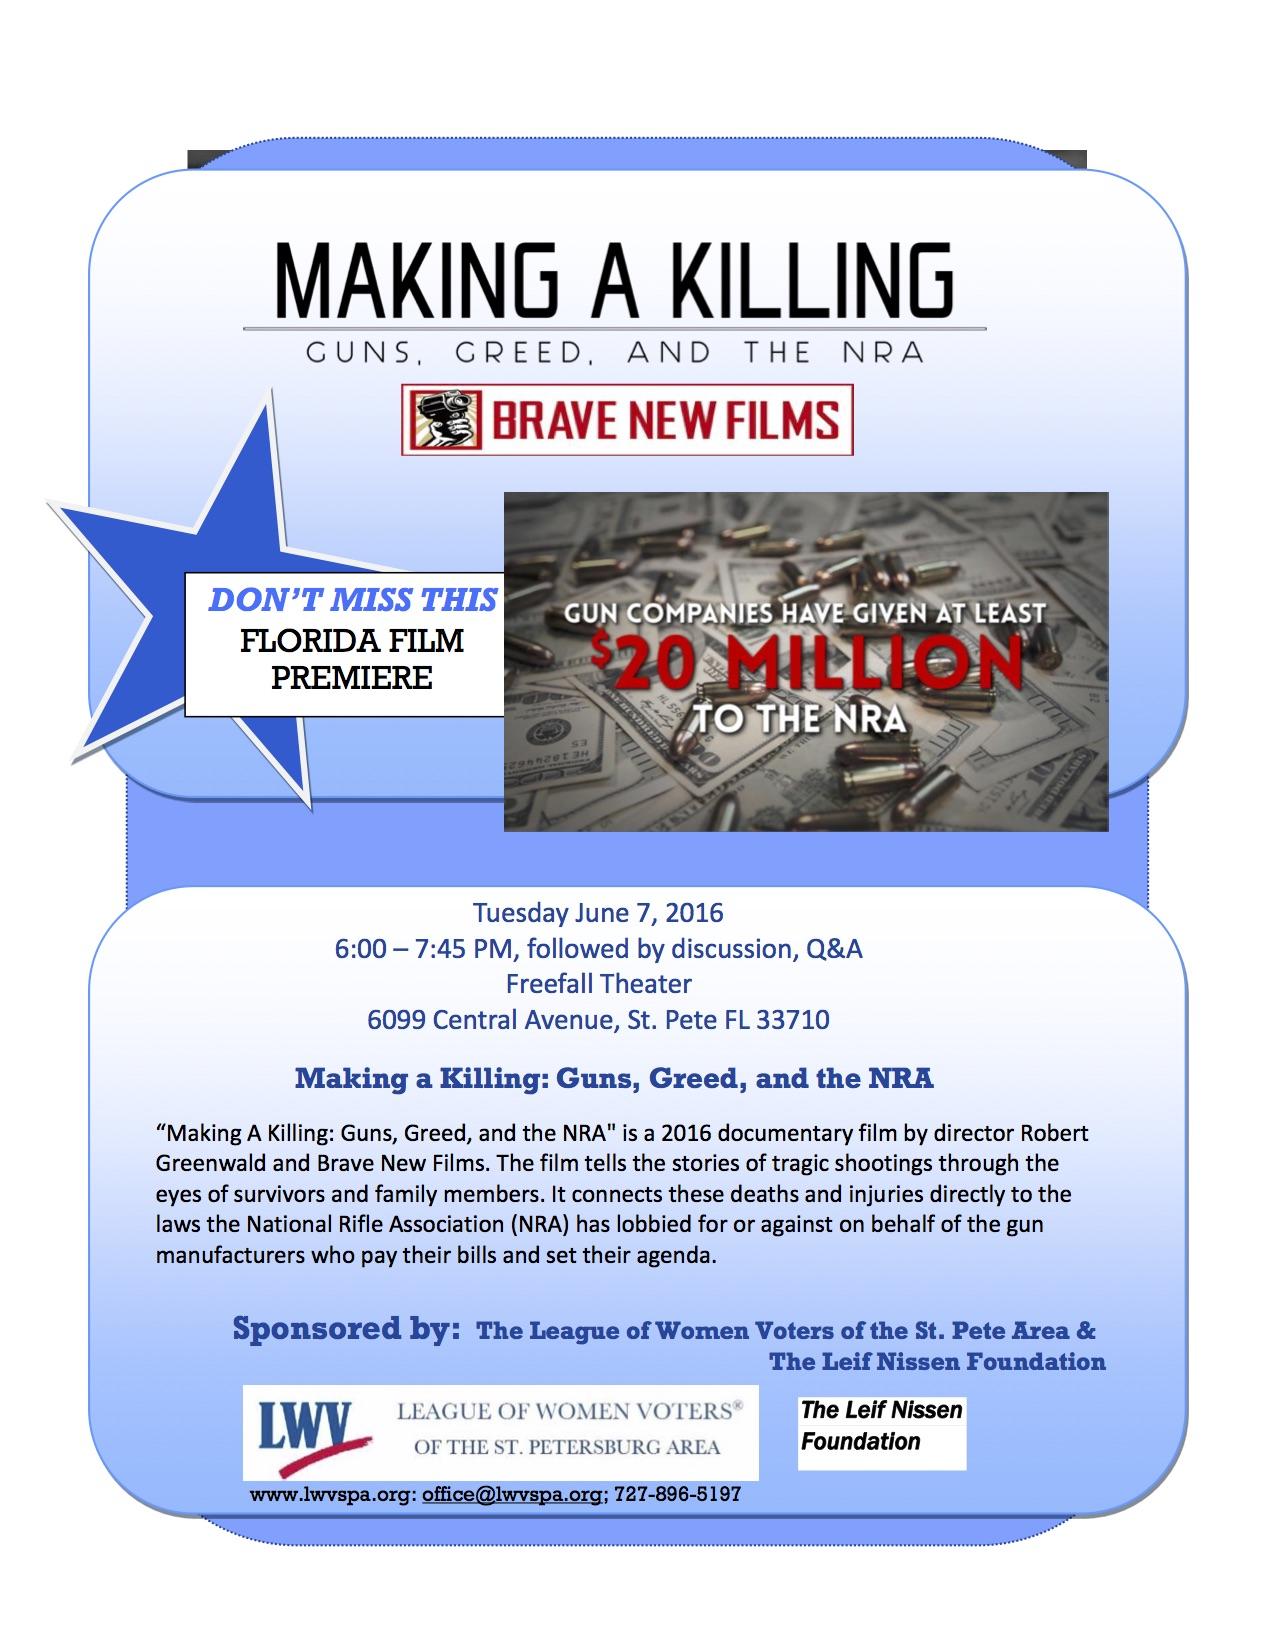 Final_Making_a_Killing_Gun_Safety_Flyer_copy.jpg